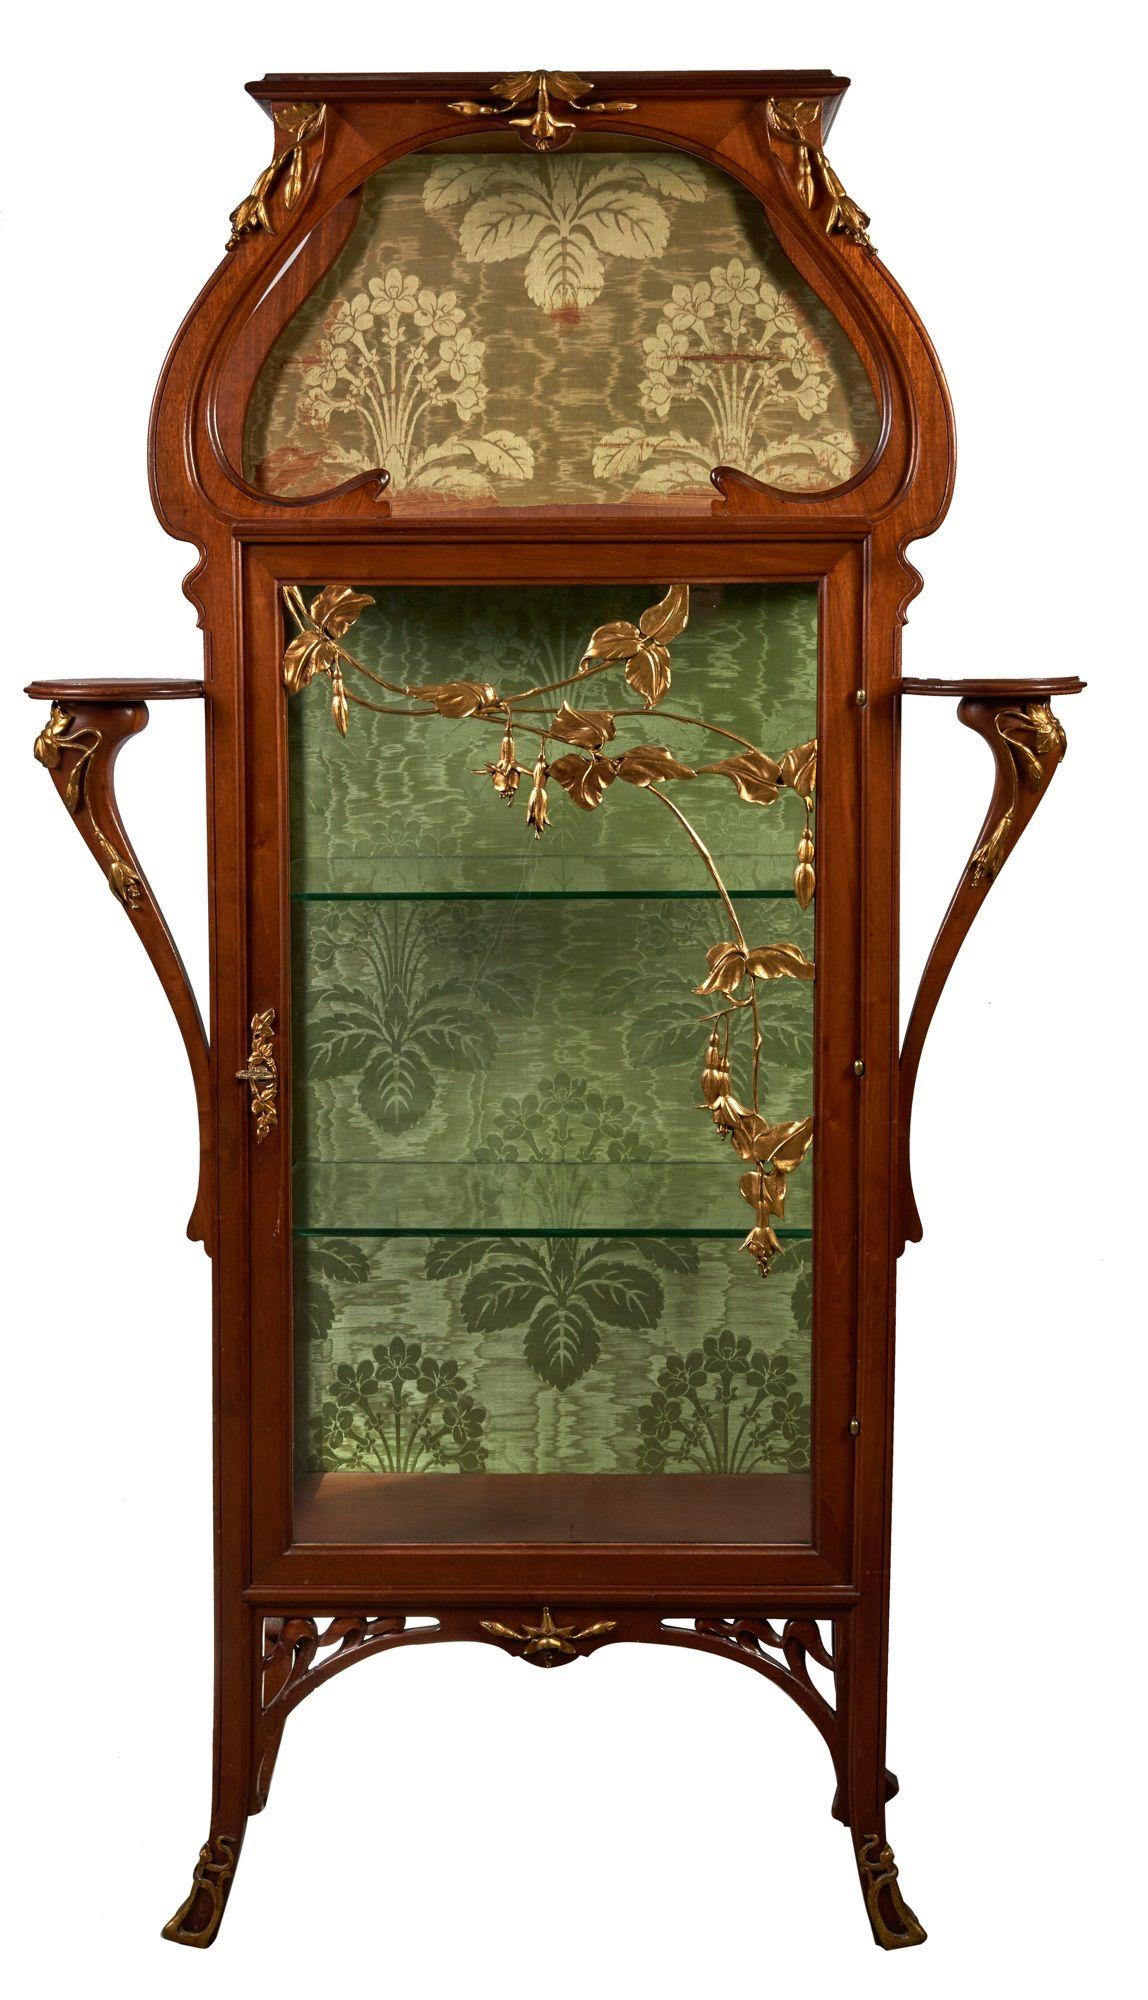 Meuble vitrine art nouveau vitrine en bois naturel moulur et sculpt d cor auction - Art nouveau meuble ...